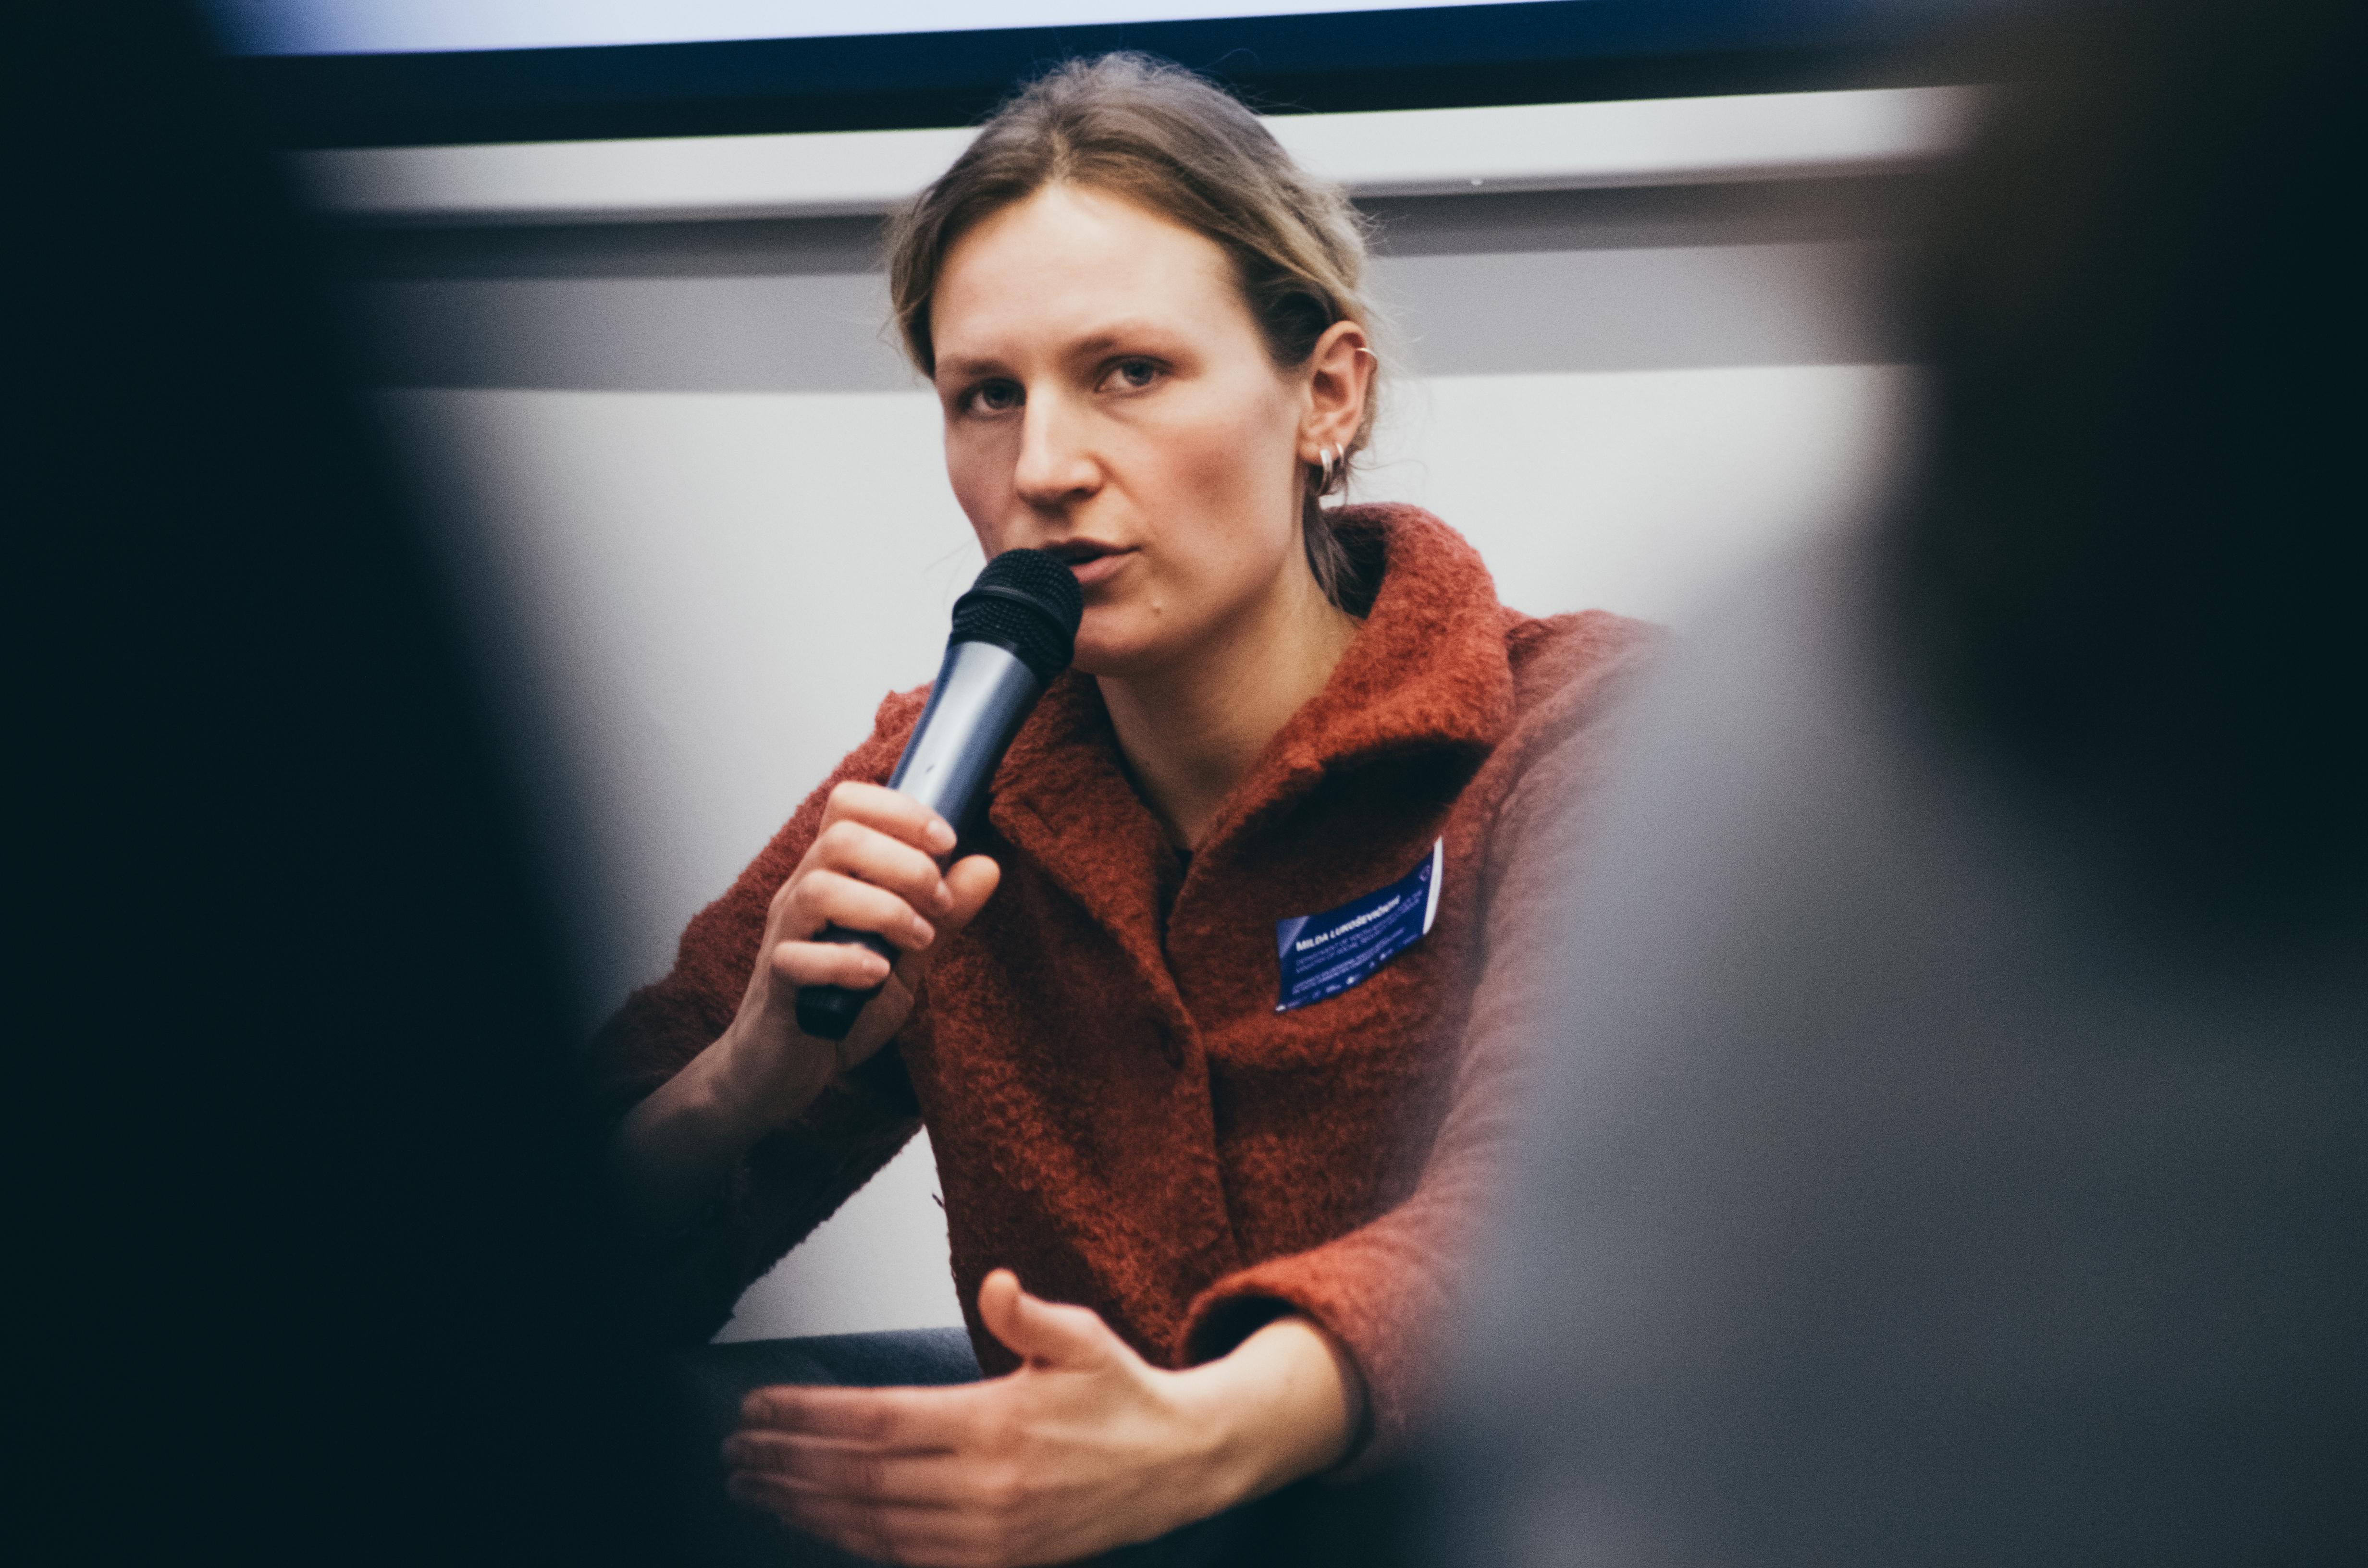 Milda Lukoševičiūtė